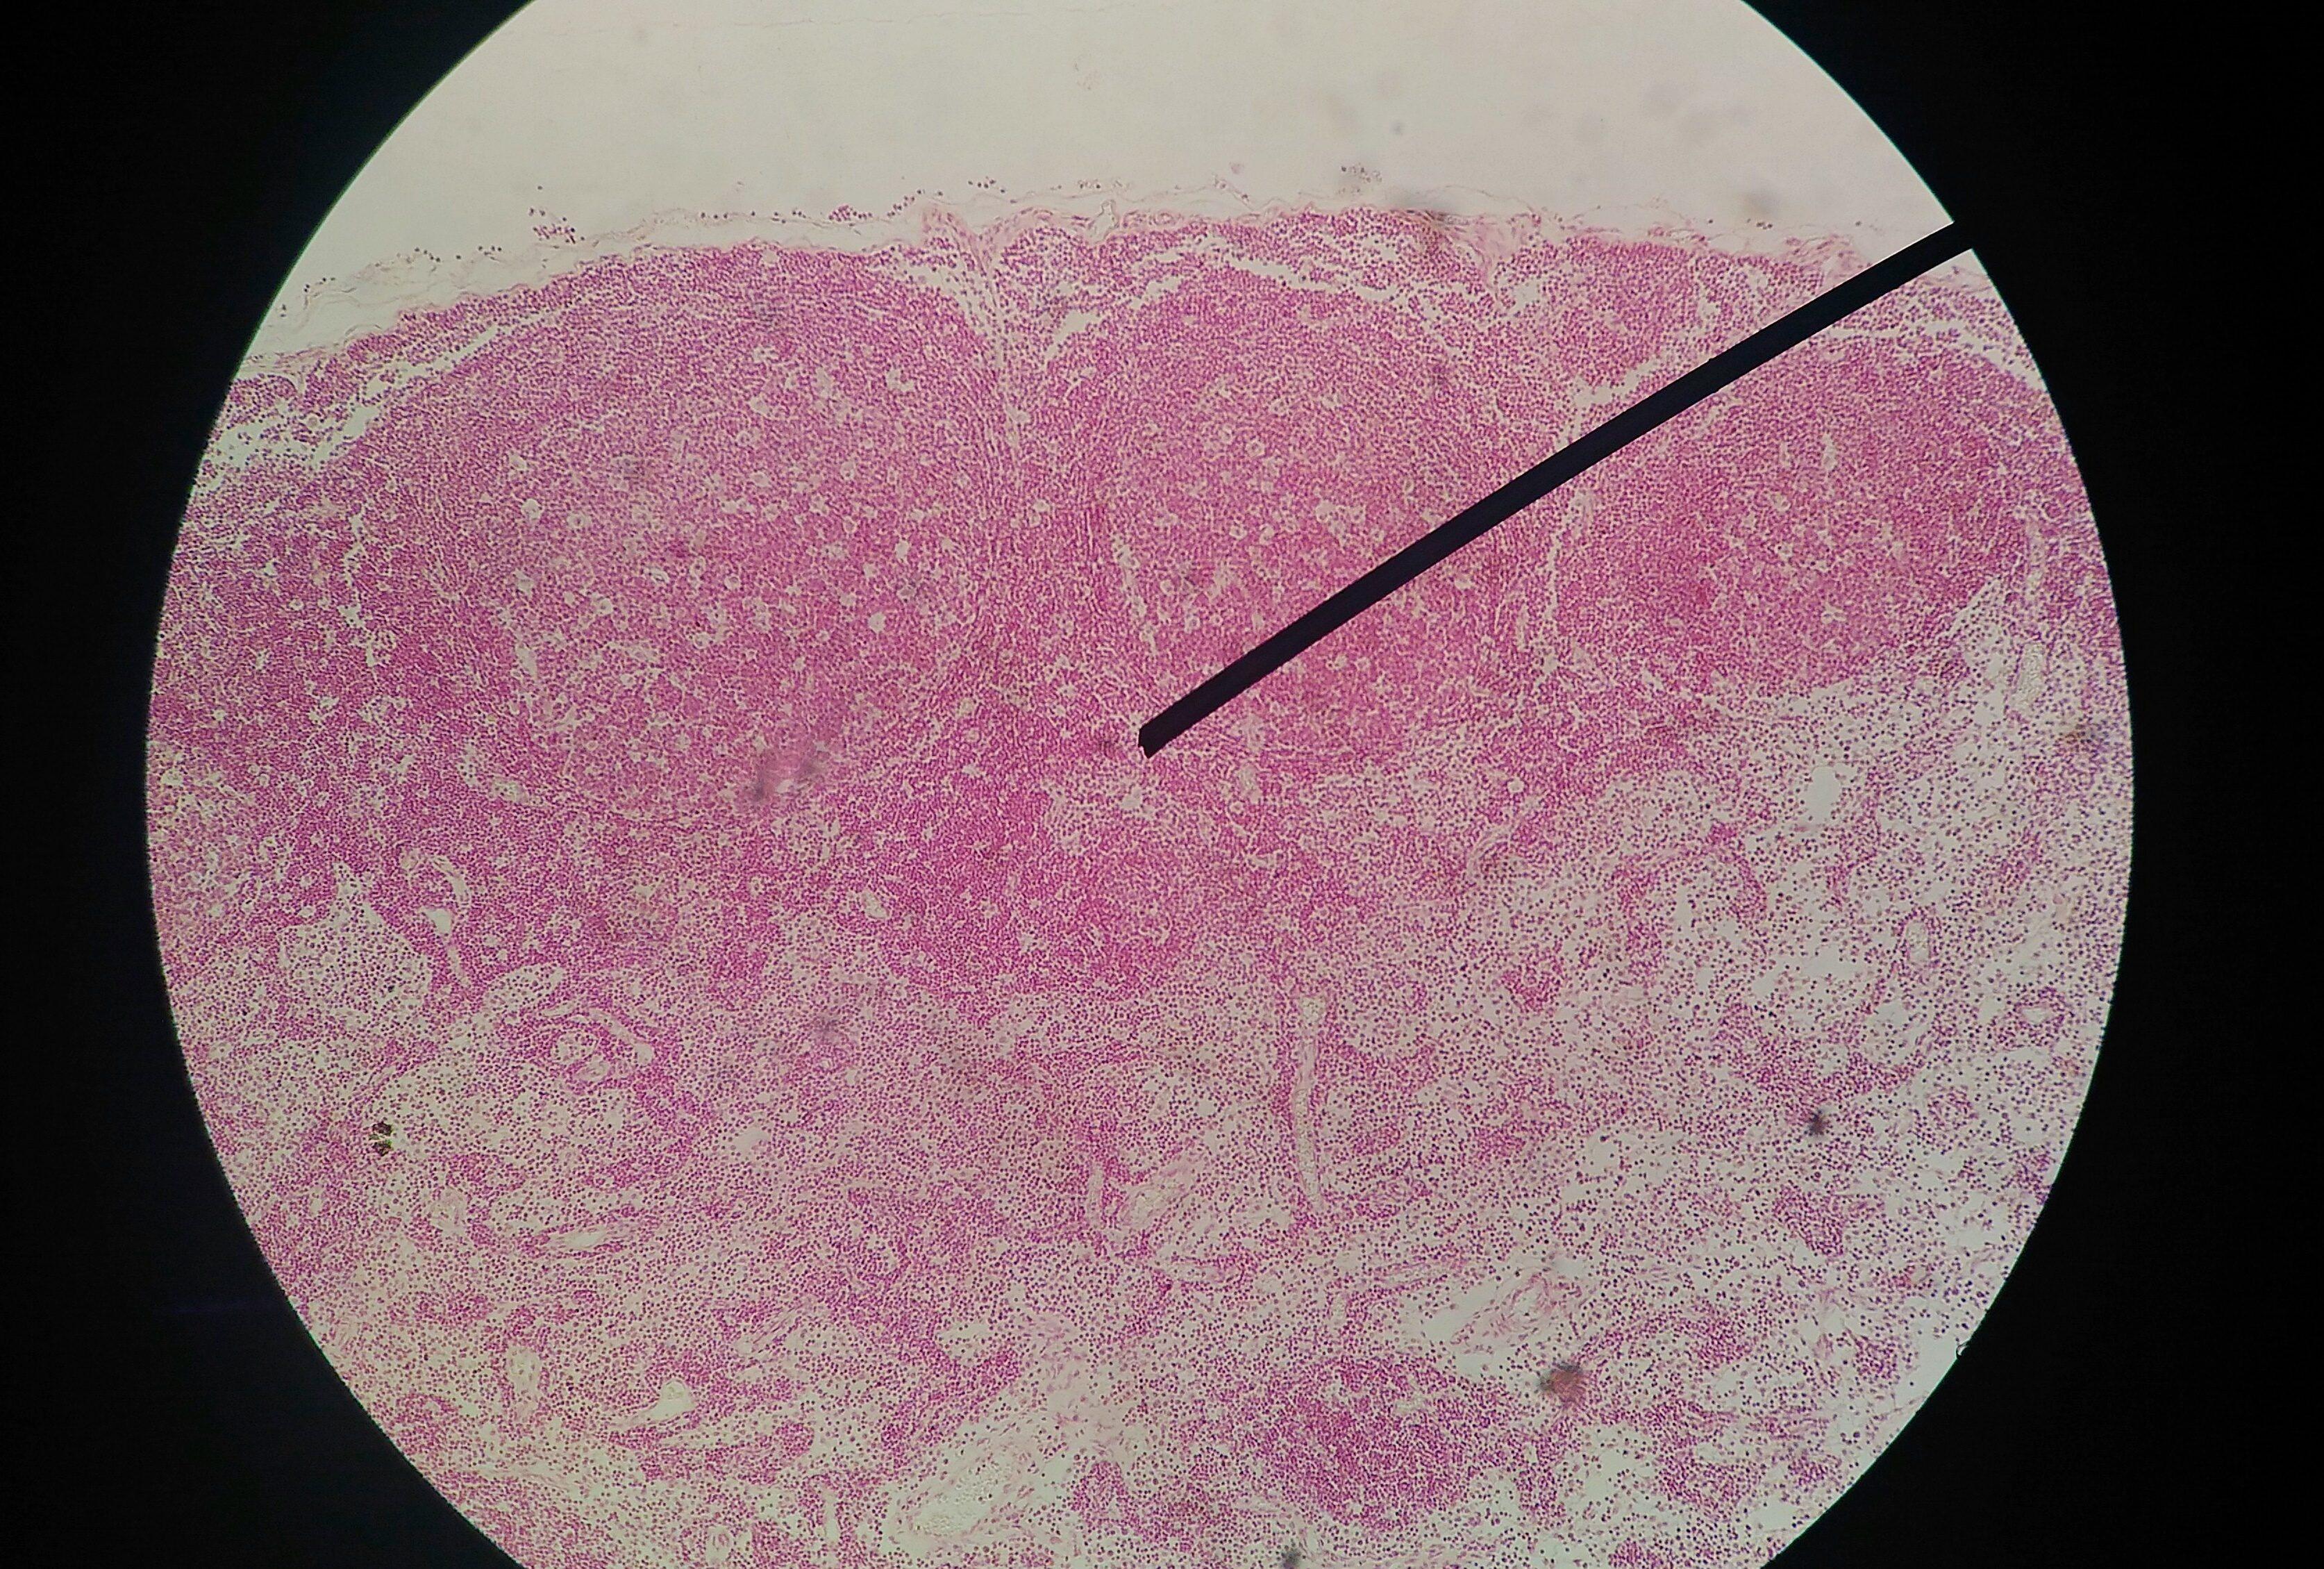 papilloma virus analisi del sangue